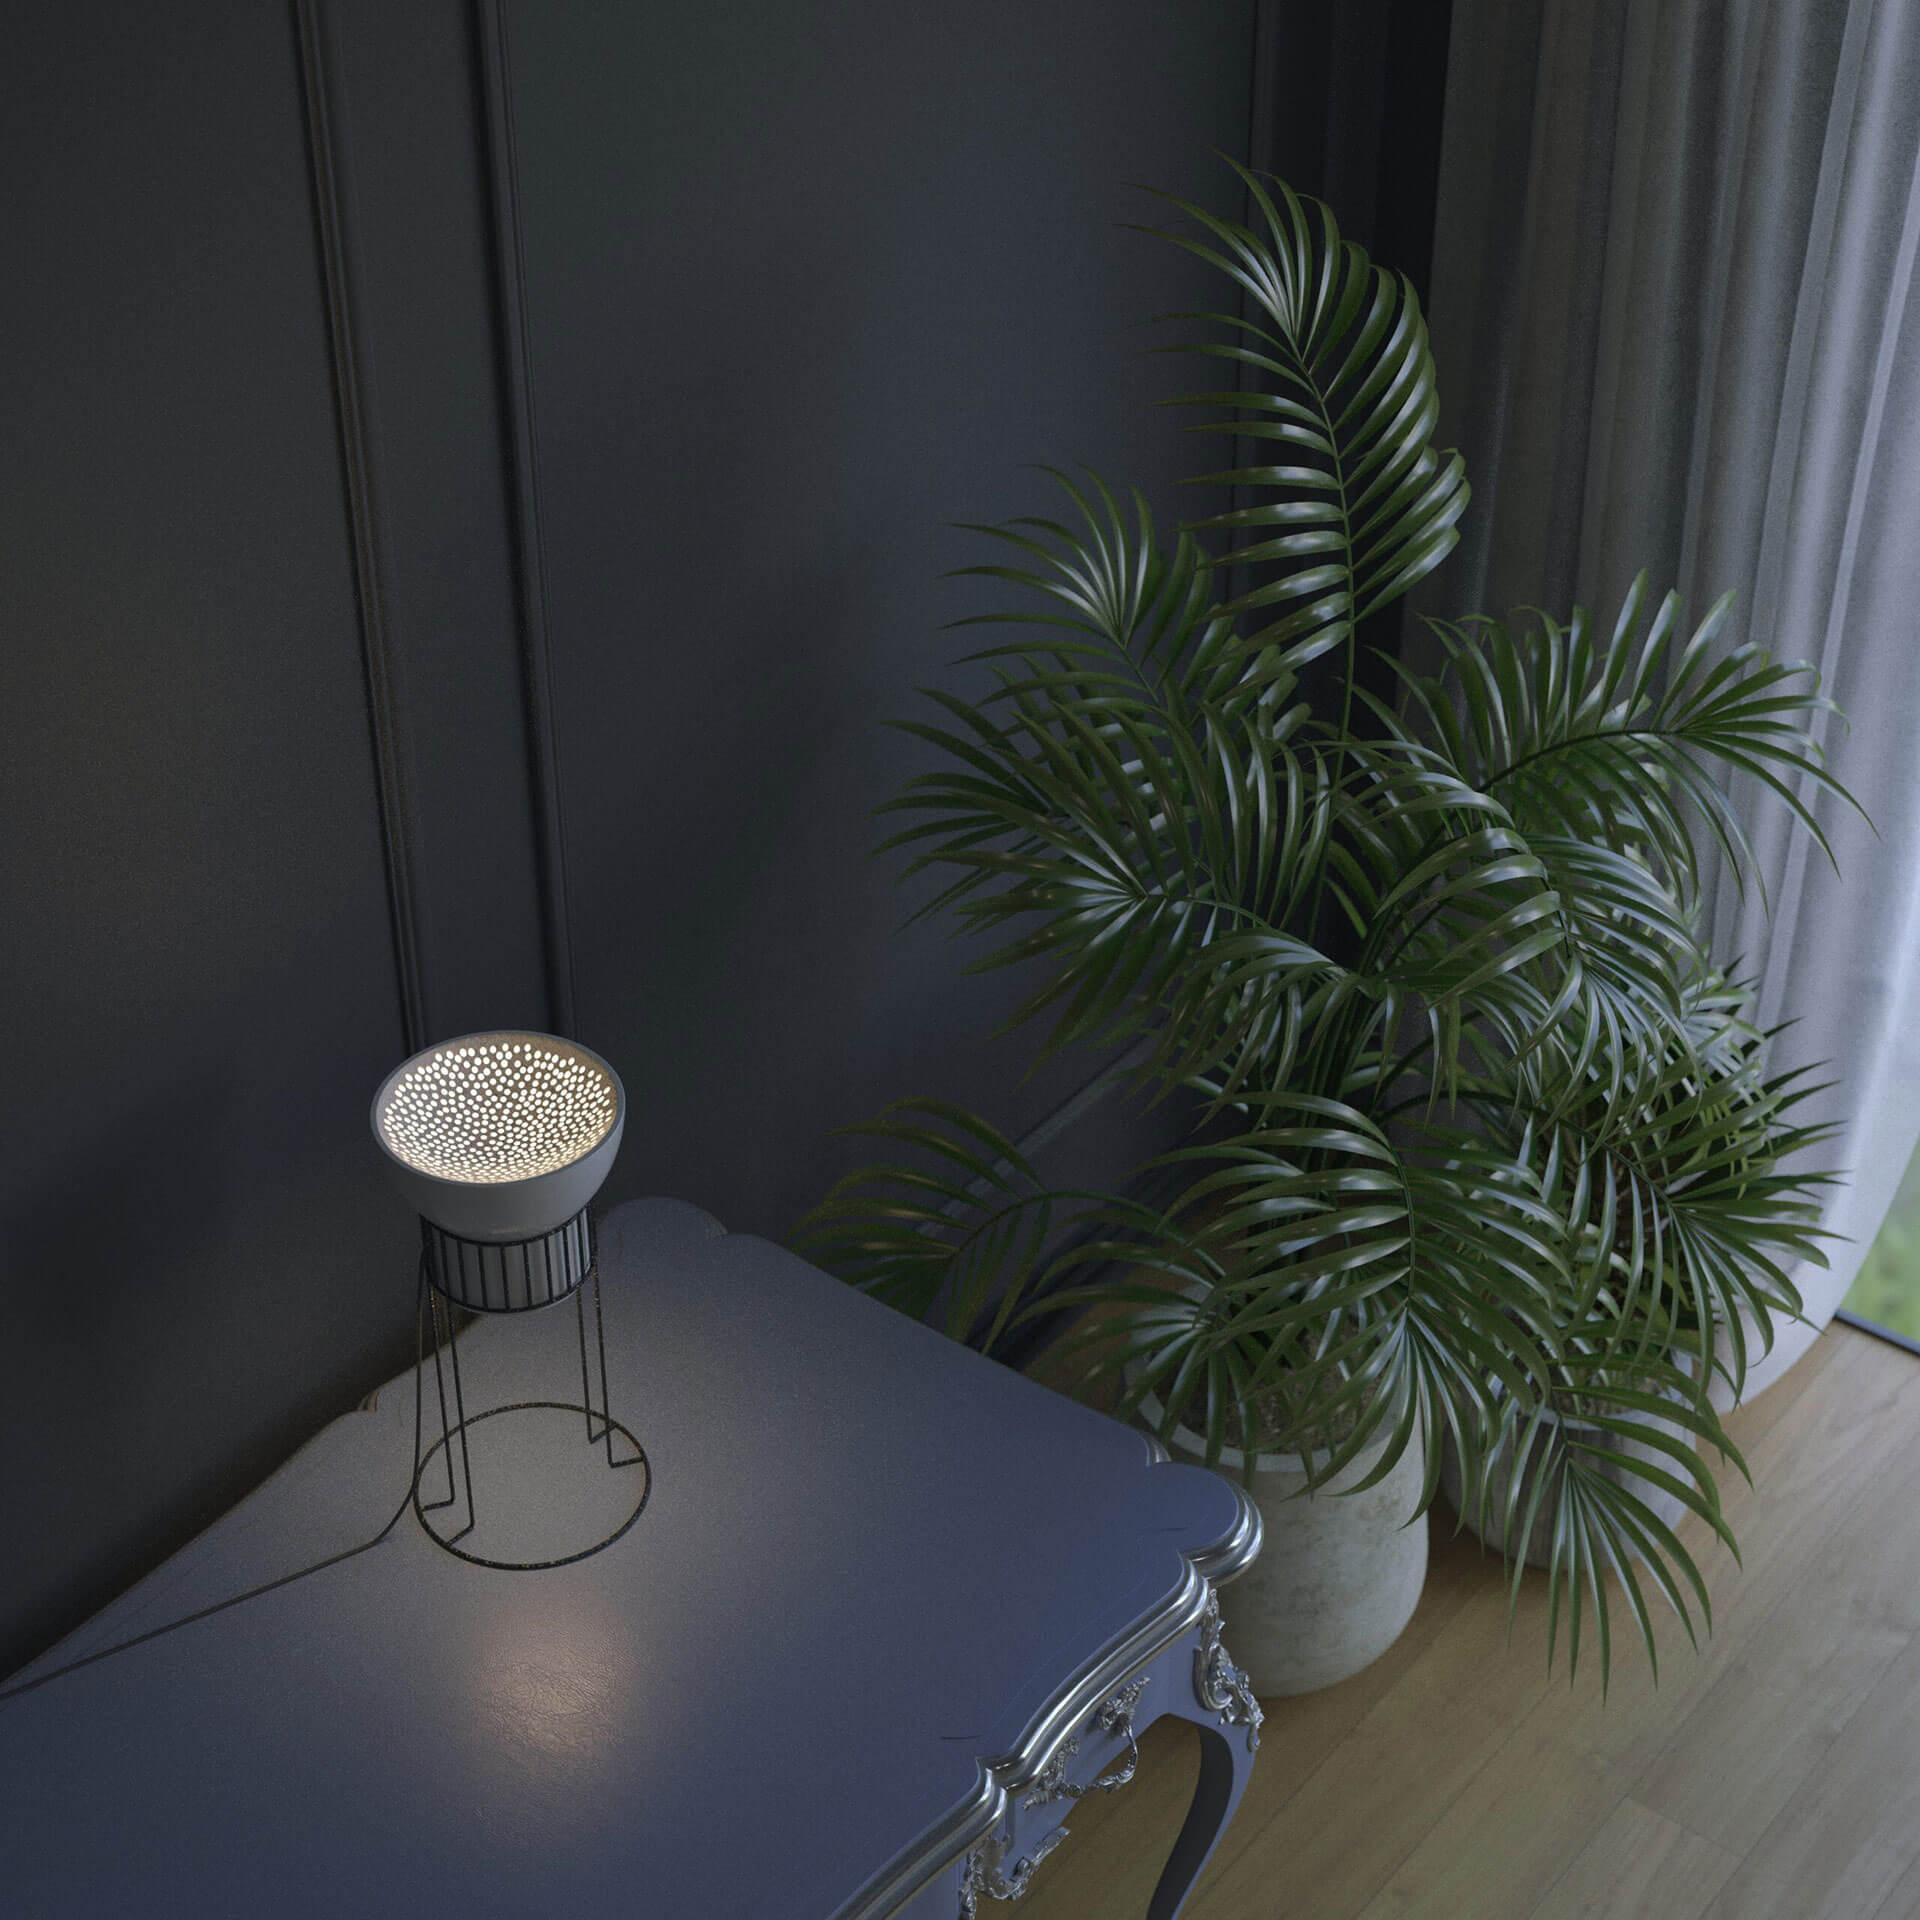 ambiente de la lámpara de cerámica de mesa